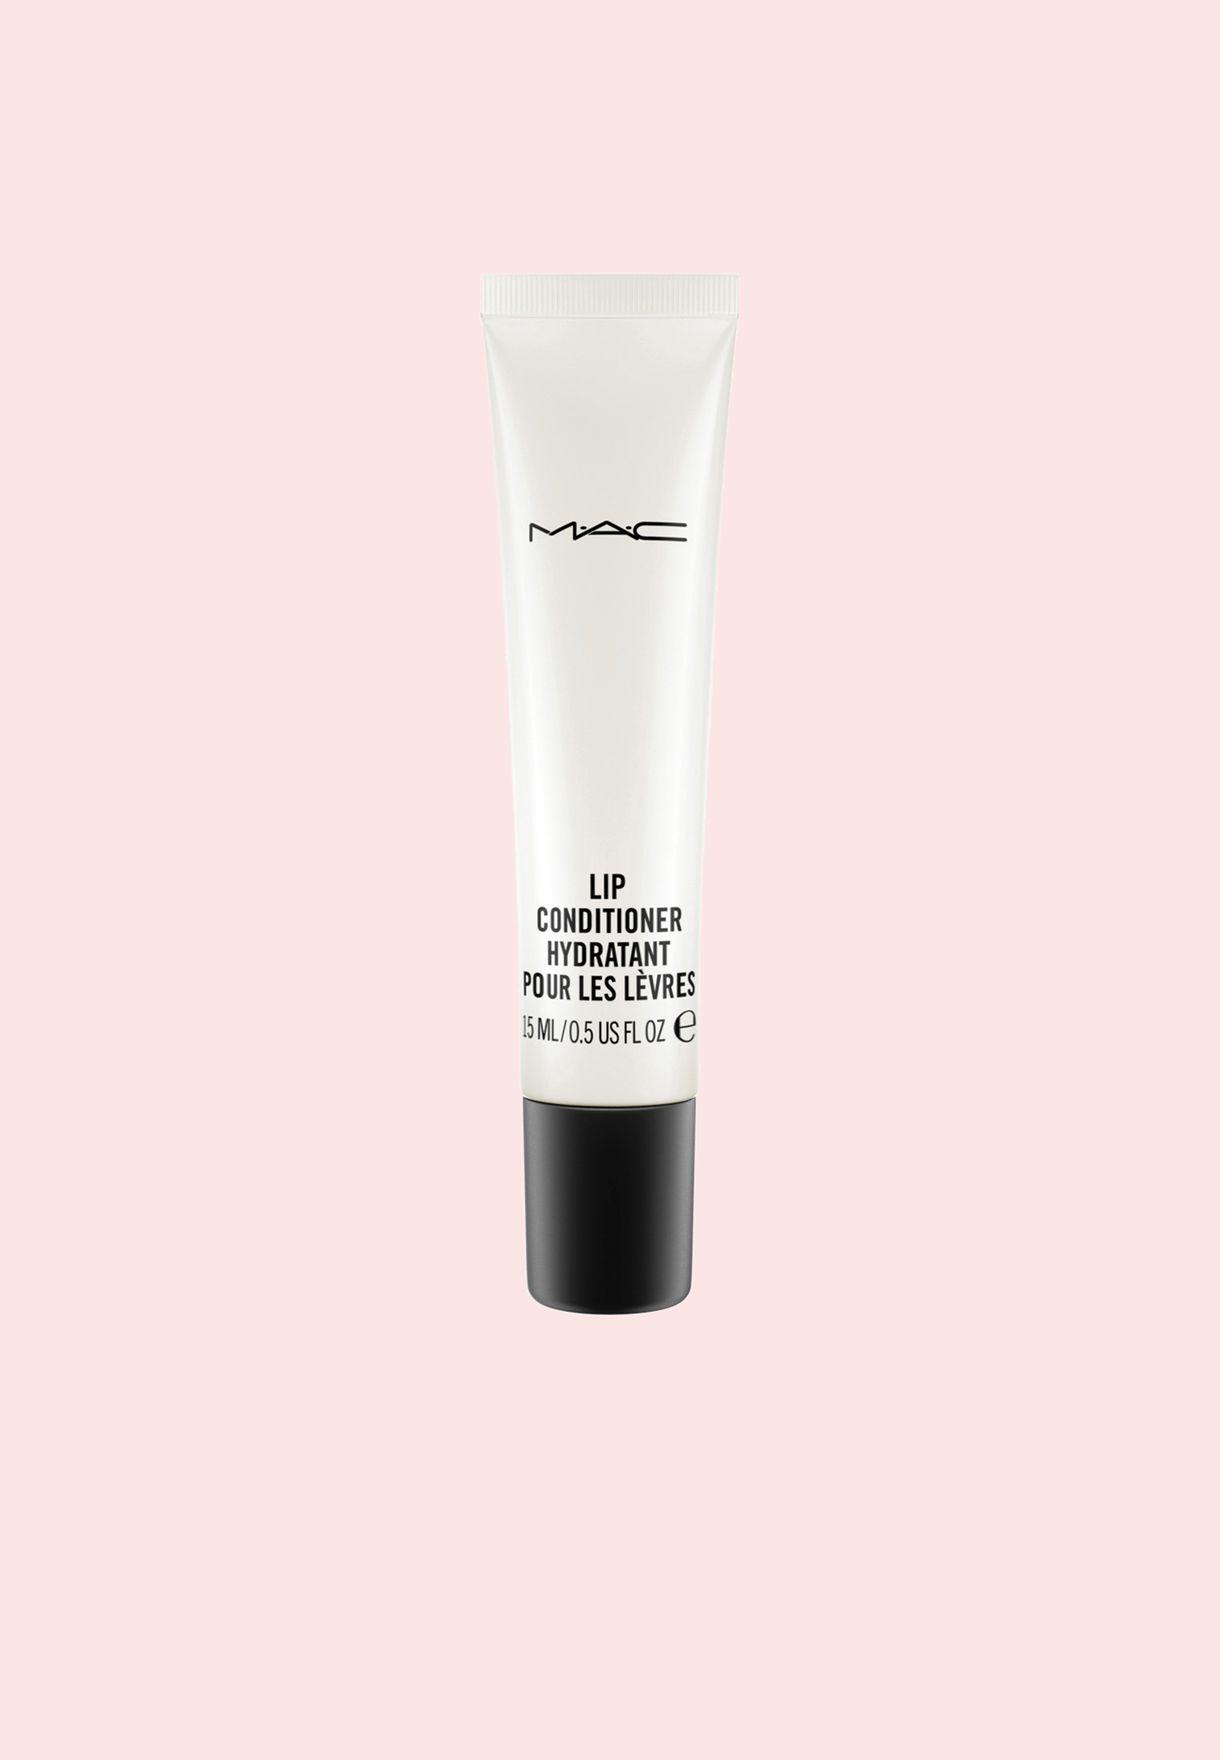 Lip Conditioner (Tube) - 15g